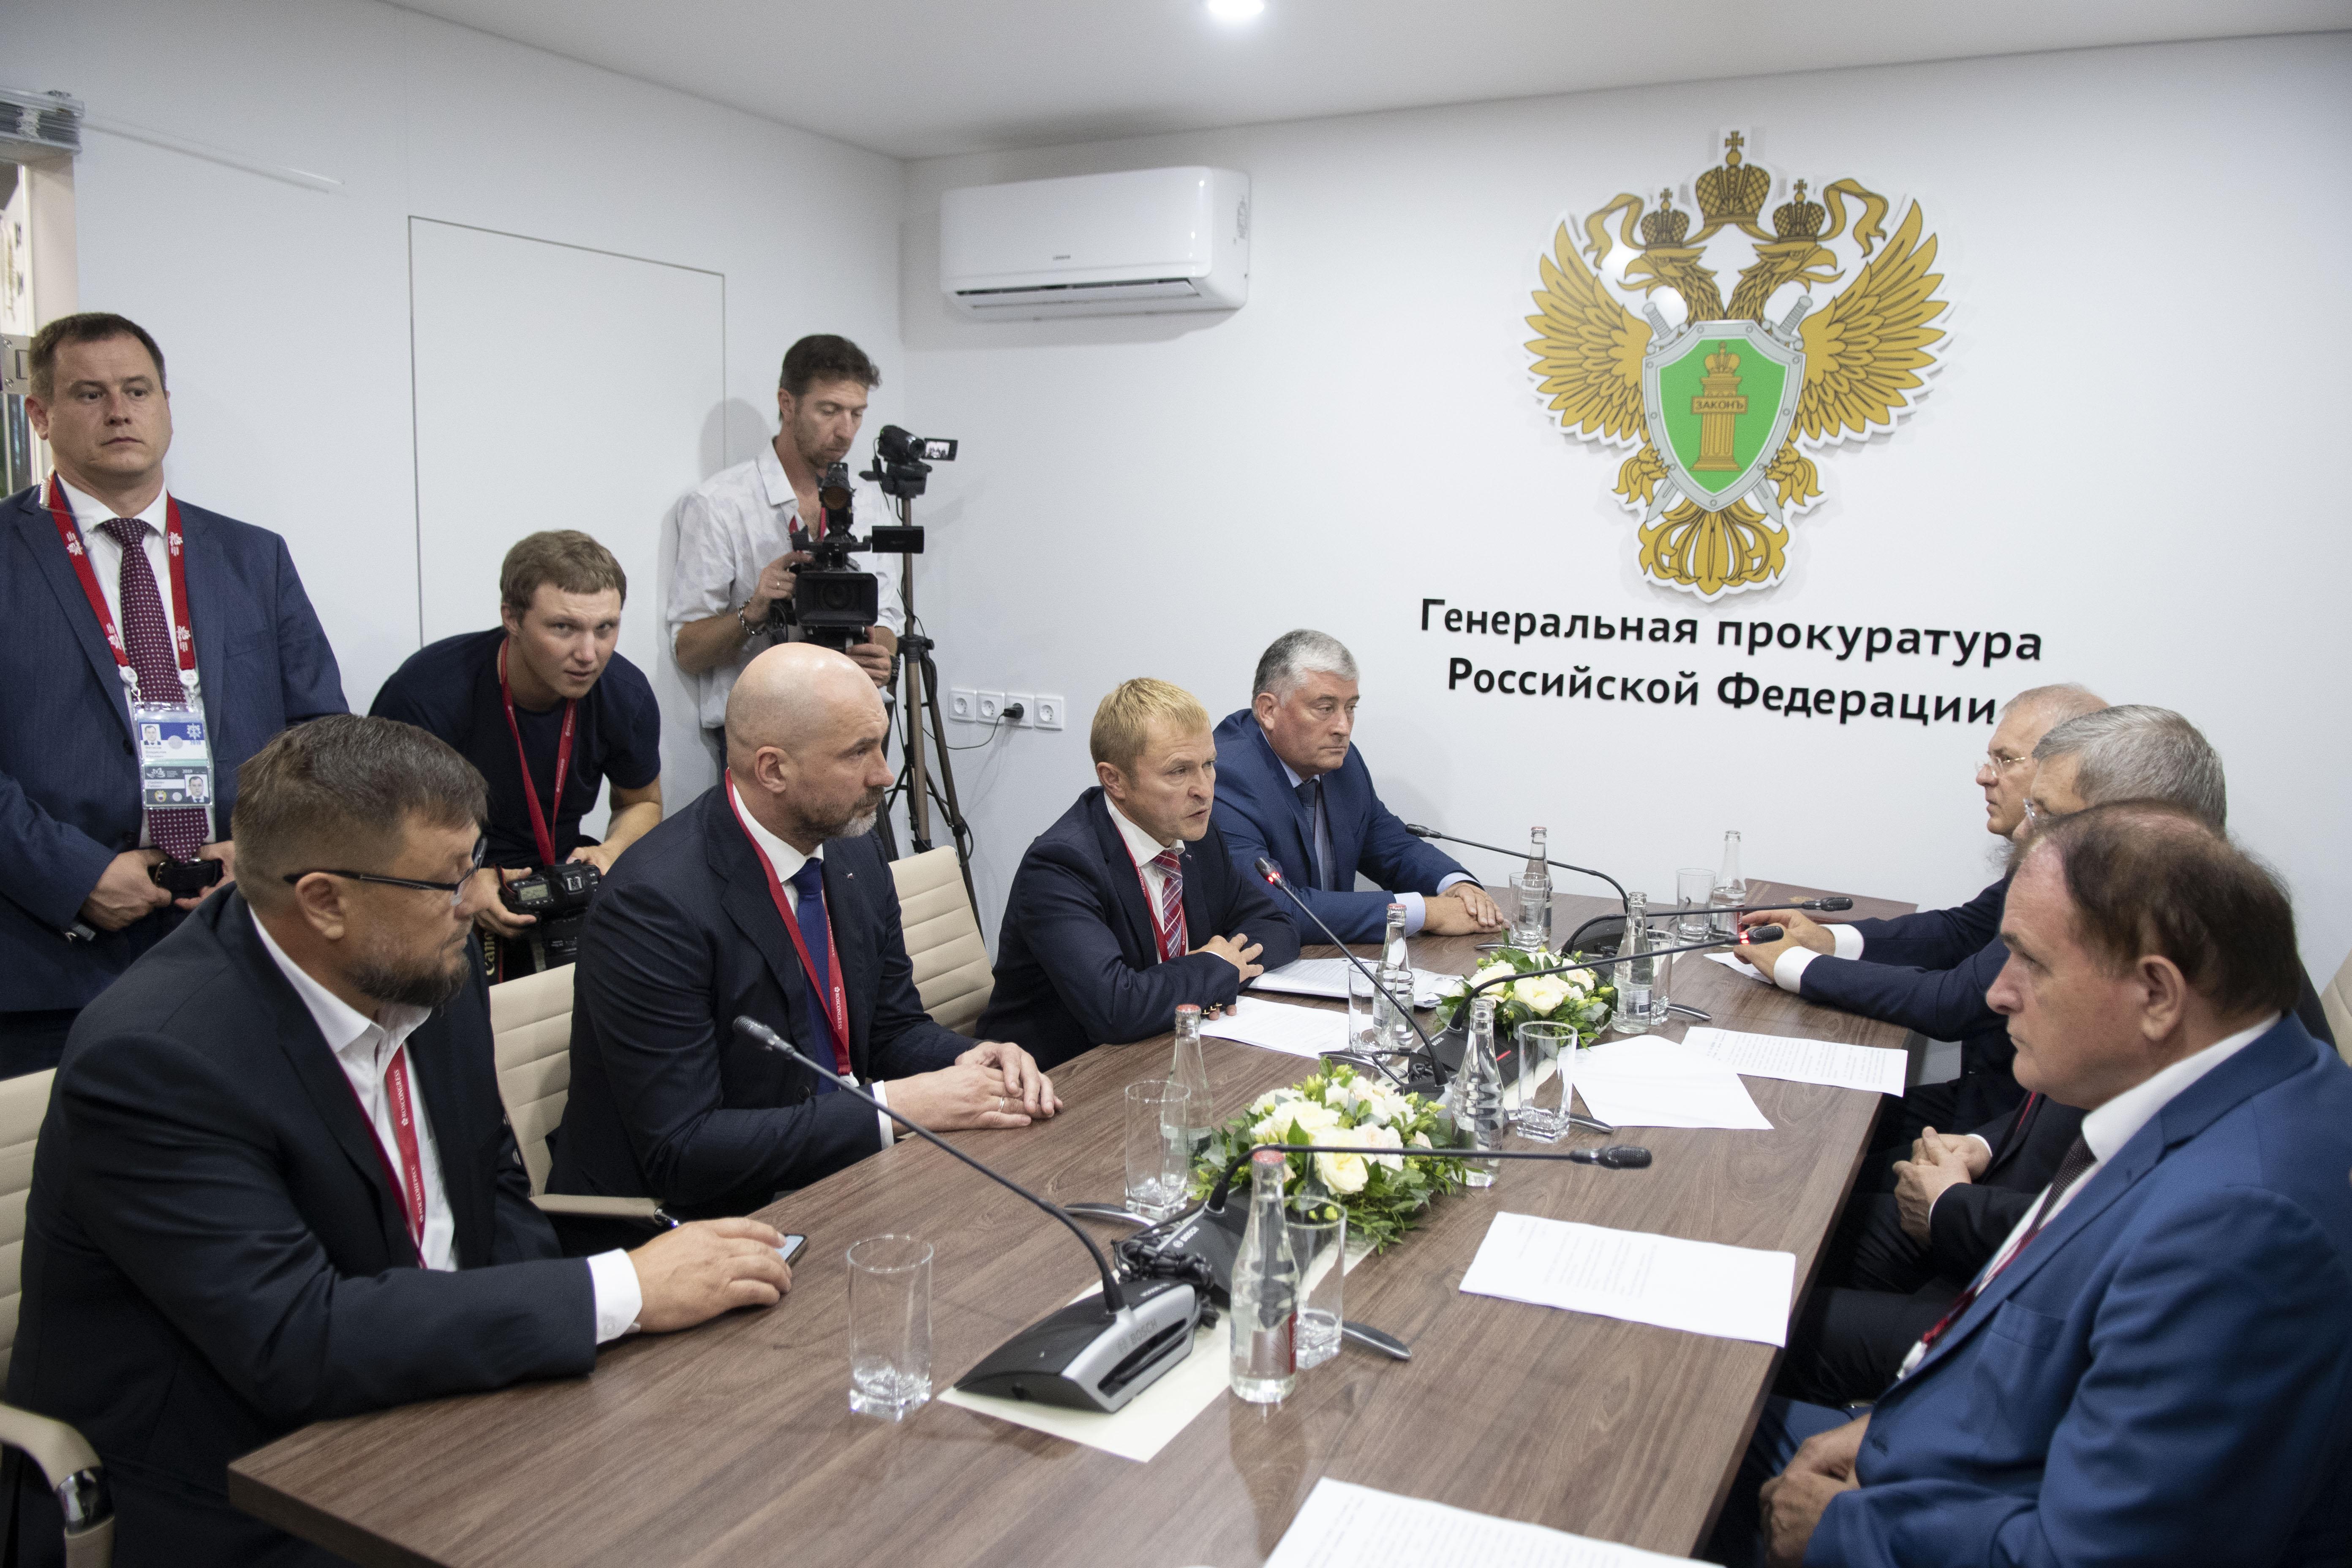 Итоги встречи представителей «ОПОРЫ РОССИИ» с Генеральным прокурором РФ Юрием Чайкой